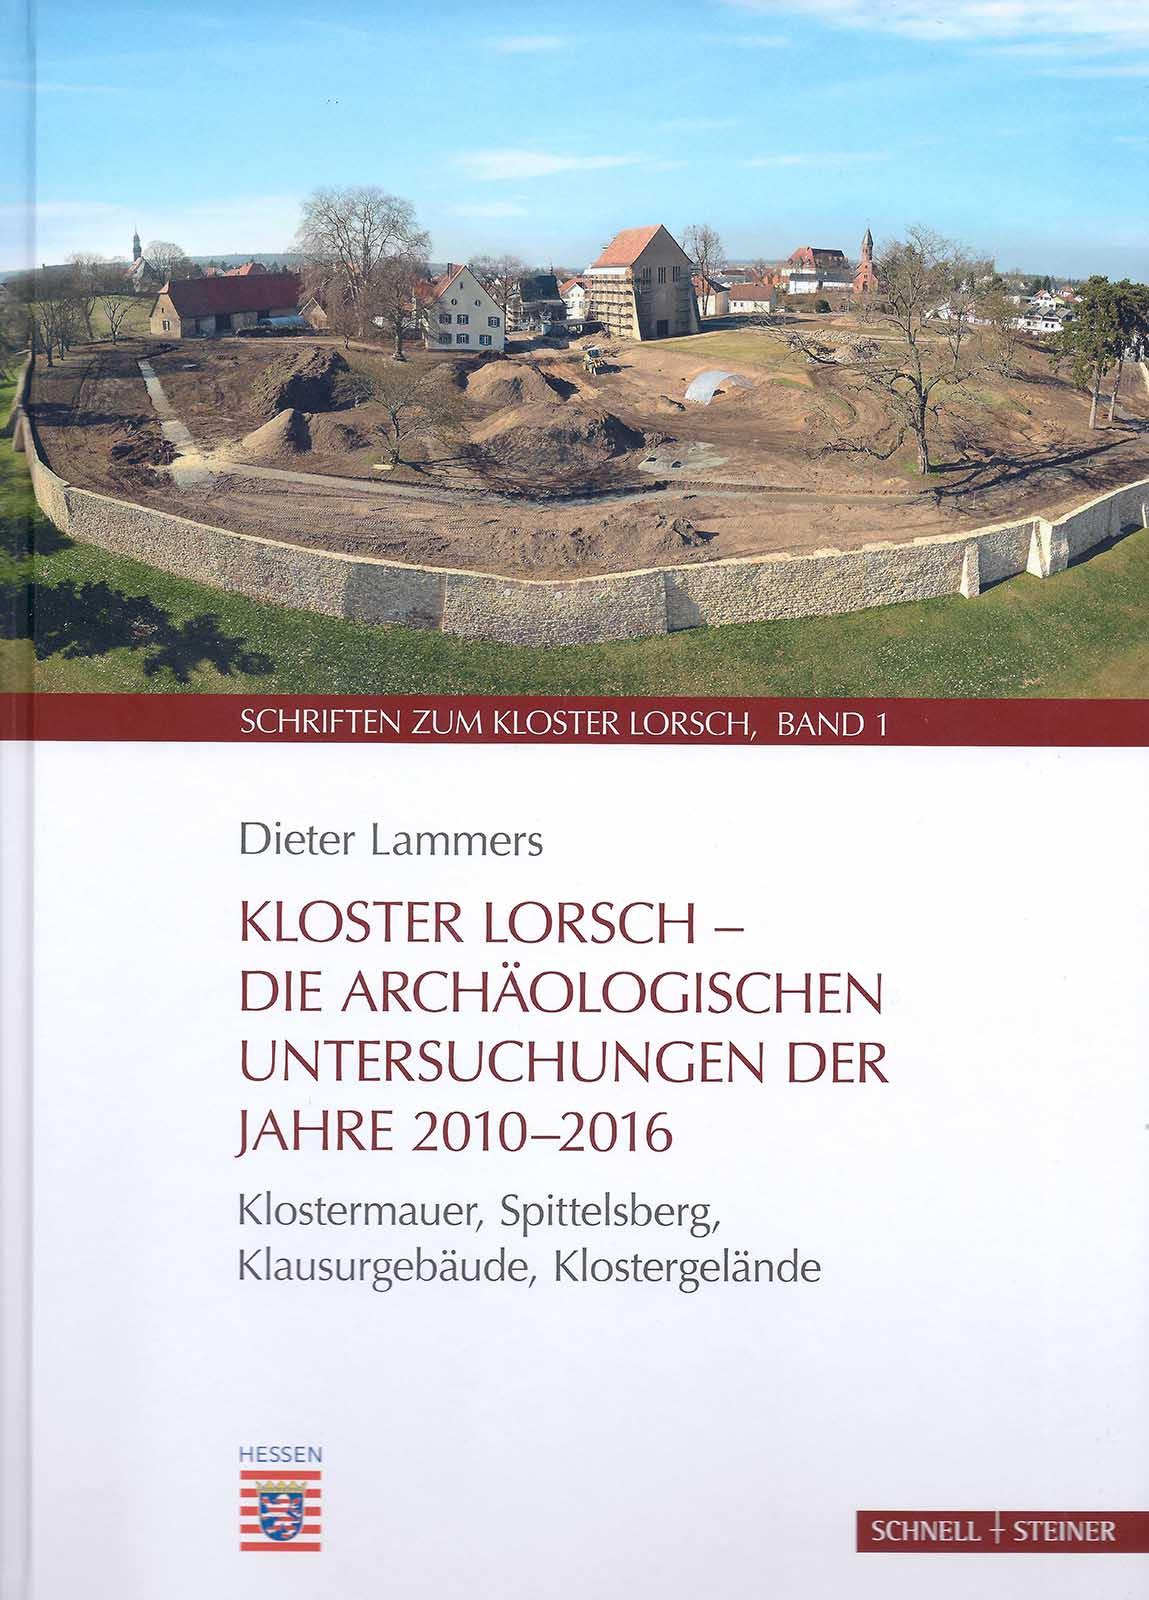 Dieter Lammers: Kloster Lorsch – Die archäologischen Untersuchungen der Jahre 2010-2016. Klostermauer, Spittelsberg, Klausurgebäude, Klostergelände